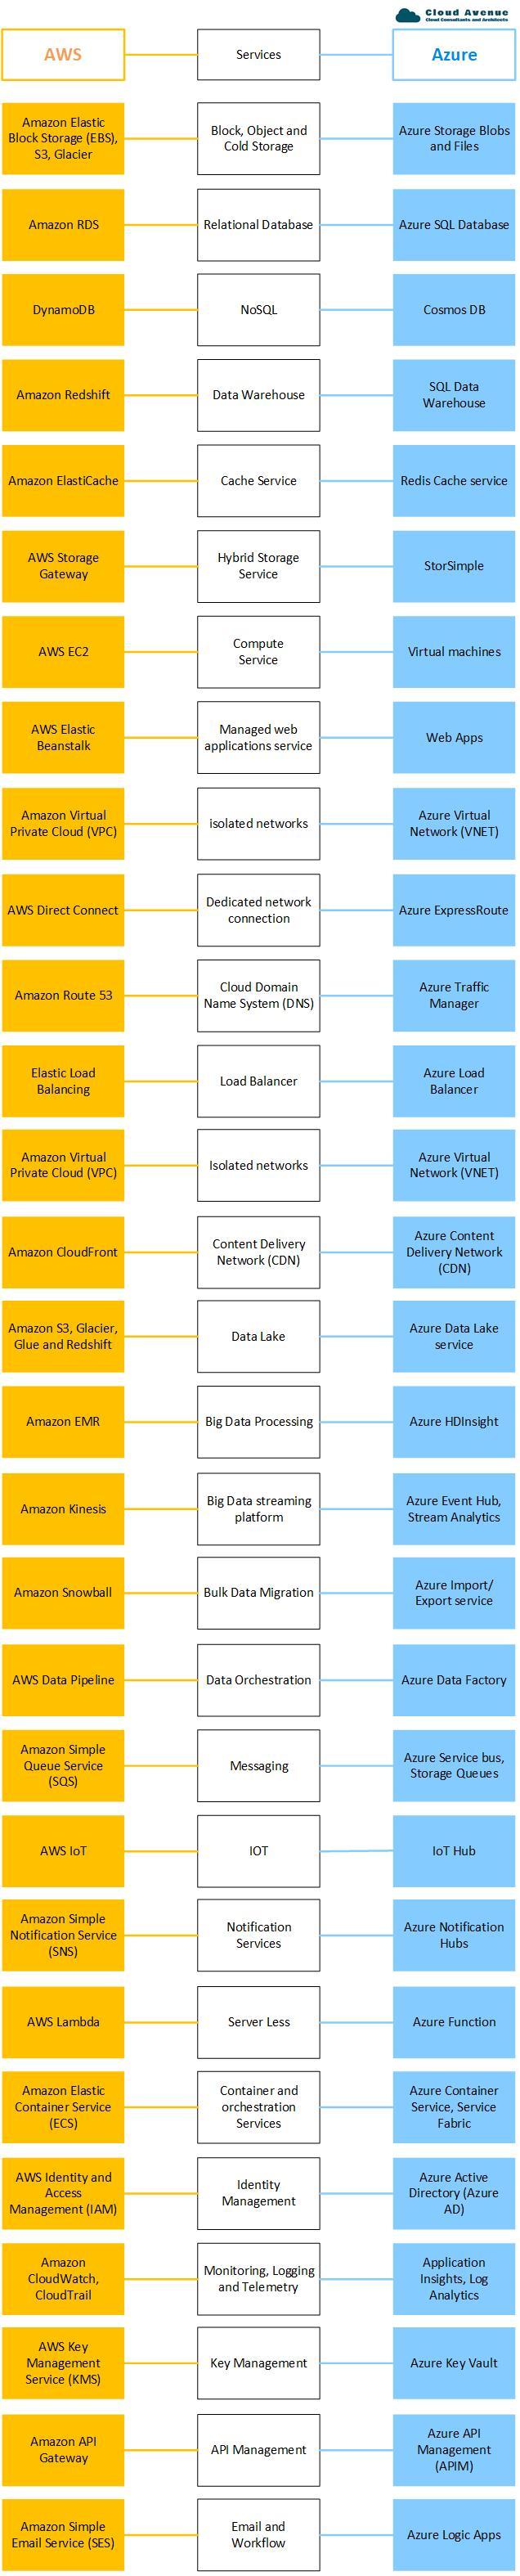 azure vs aws.jpg